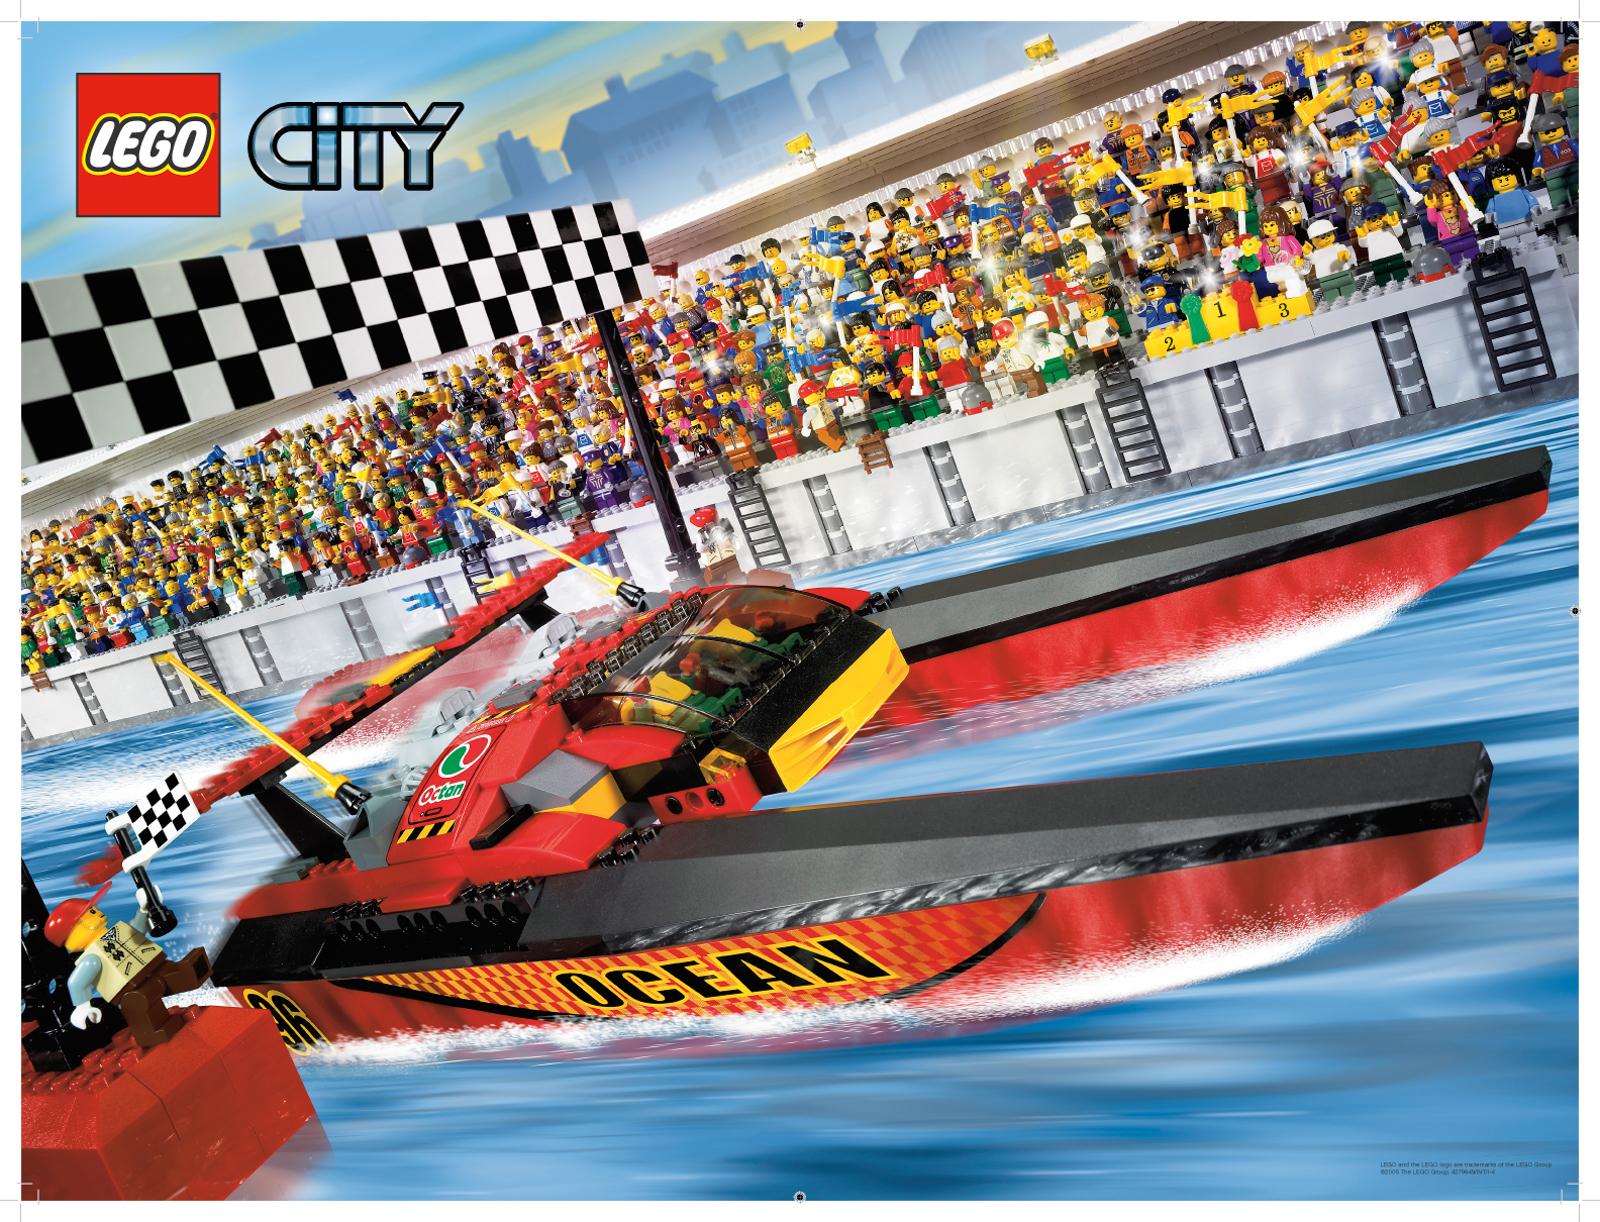 LEGO _001.jpg